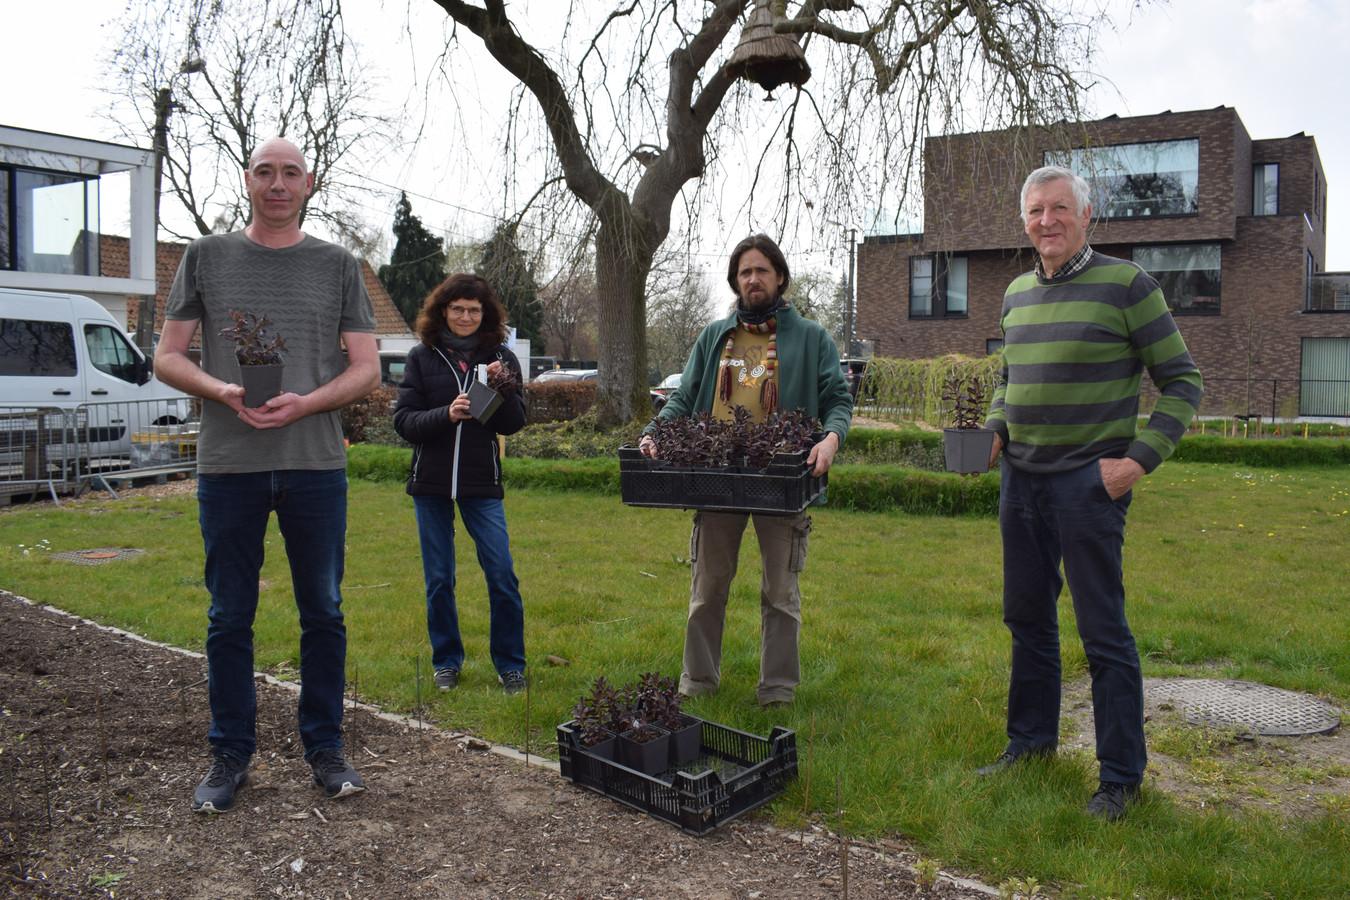 Zoon Joeri De Buck (links) is trots dat zijn vader een herdenkingsplek krijgt in Bassevelde. Ze gingen alvast planten.